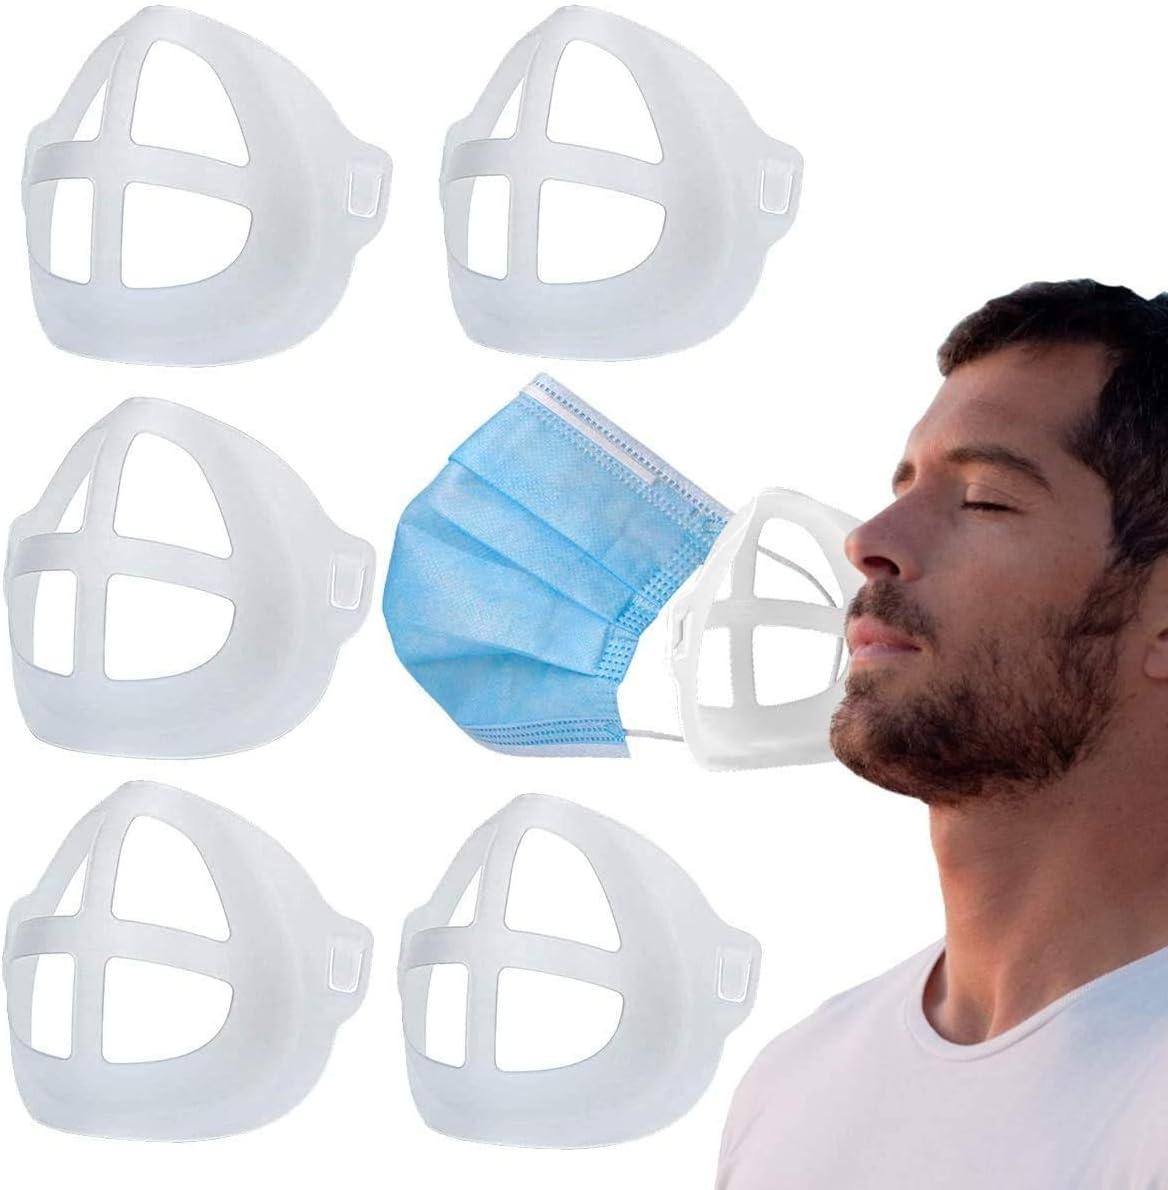 Soporte de máscara 3D con marco de silicona para protección de lápiz labial, aumentar el espacio de respiración deportiva, lavable reutilizable suave y cómodo maquillaje protector (5 piezas blancas)